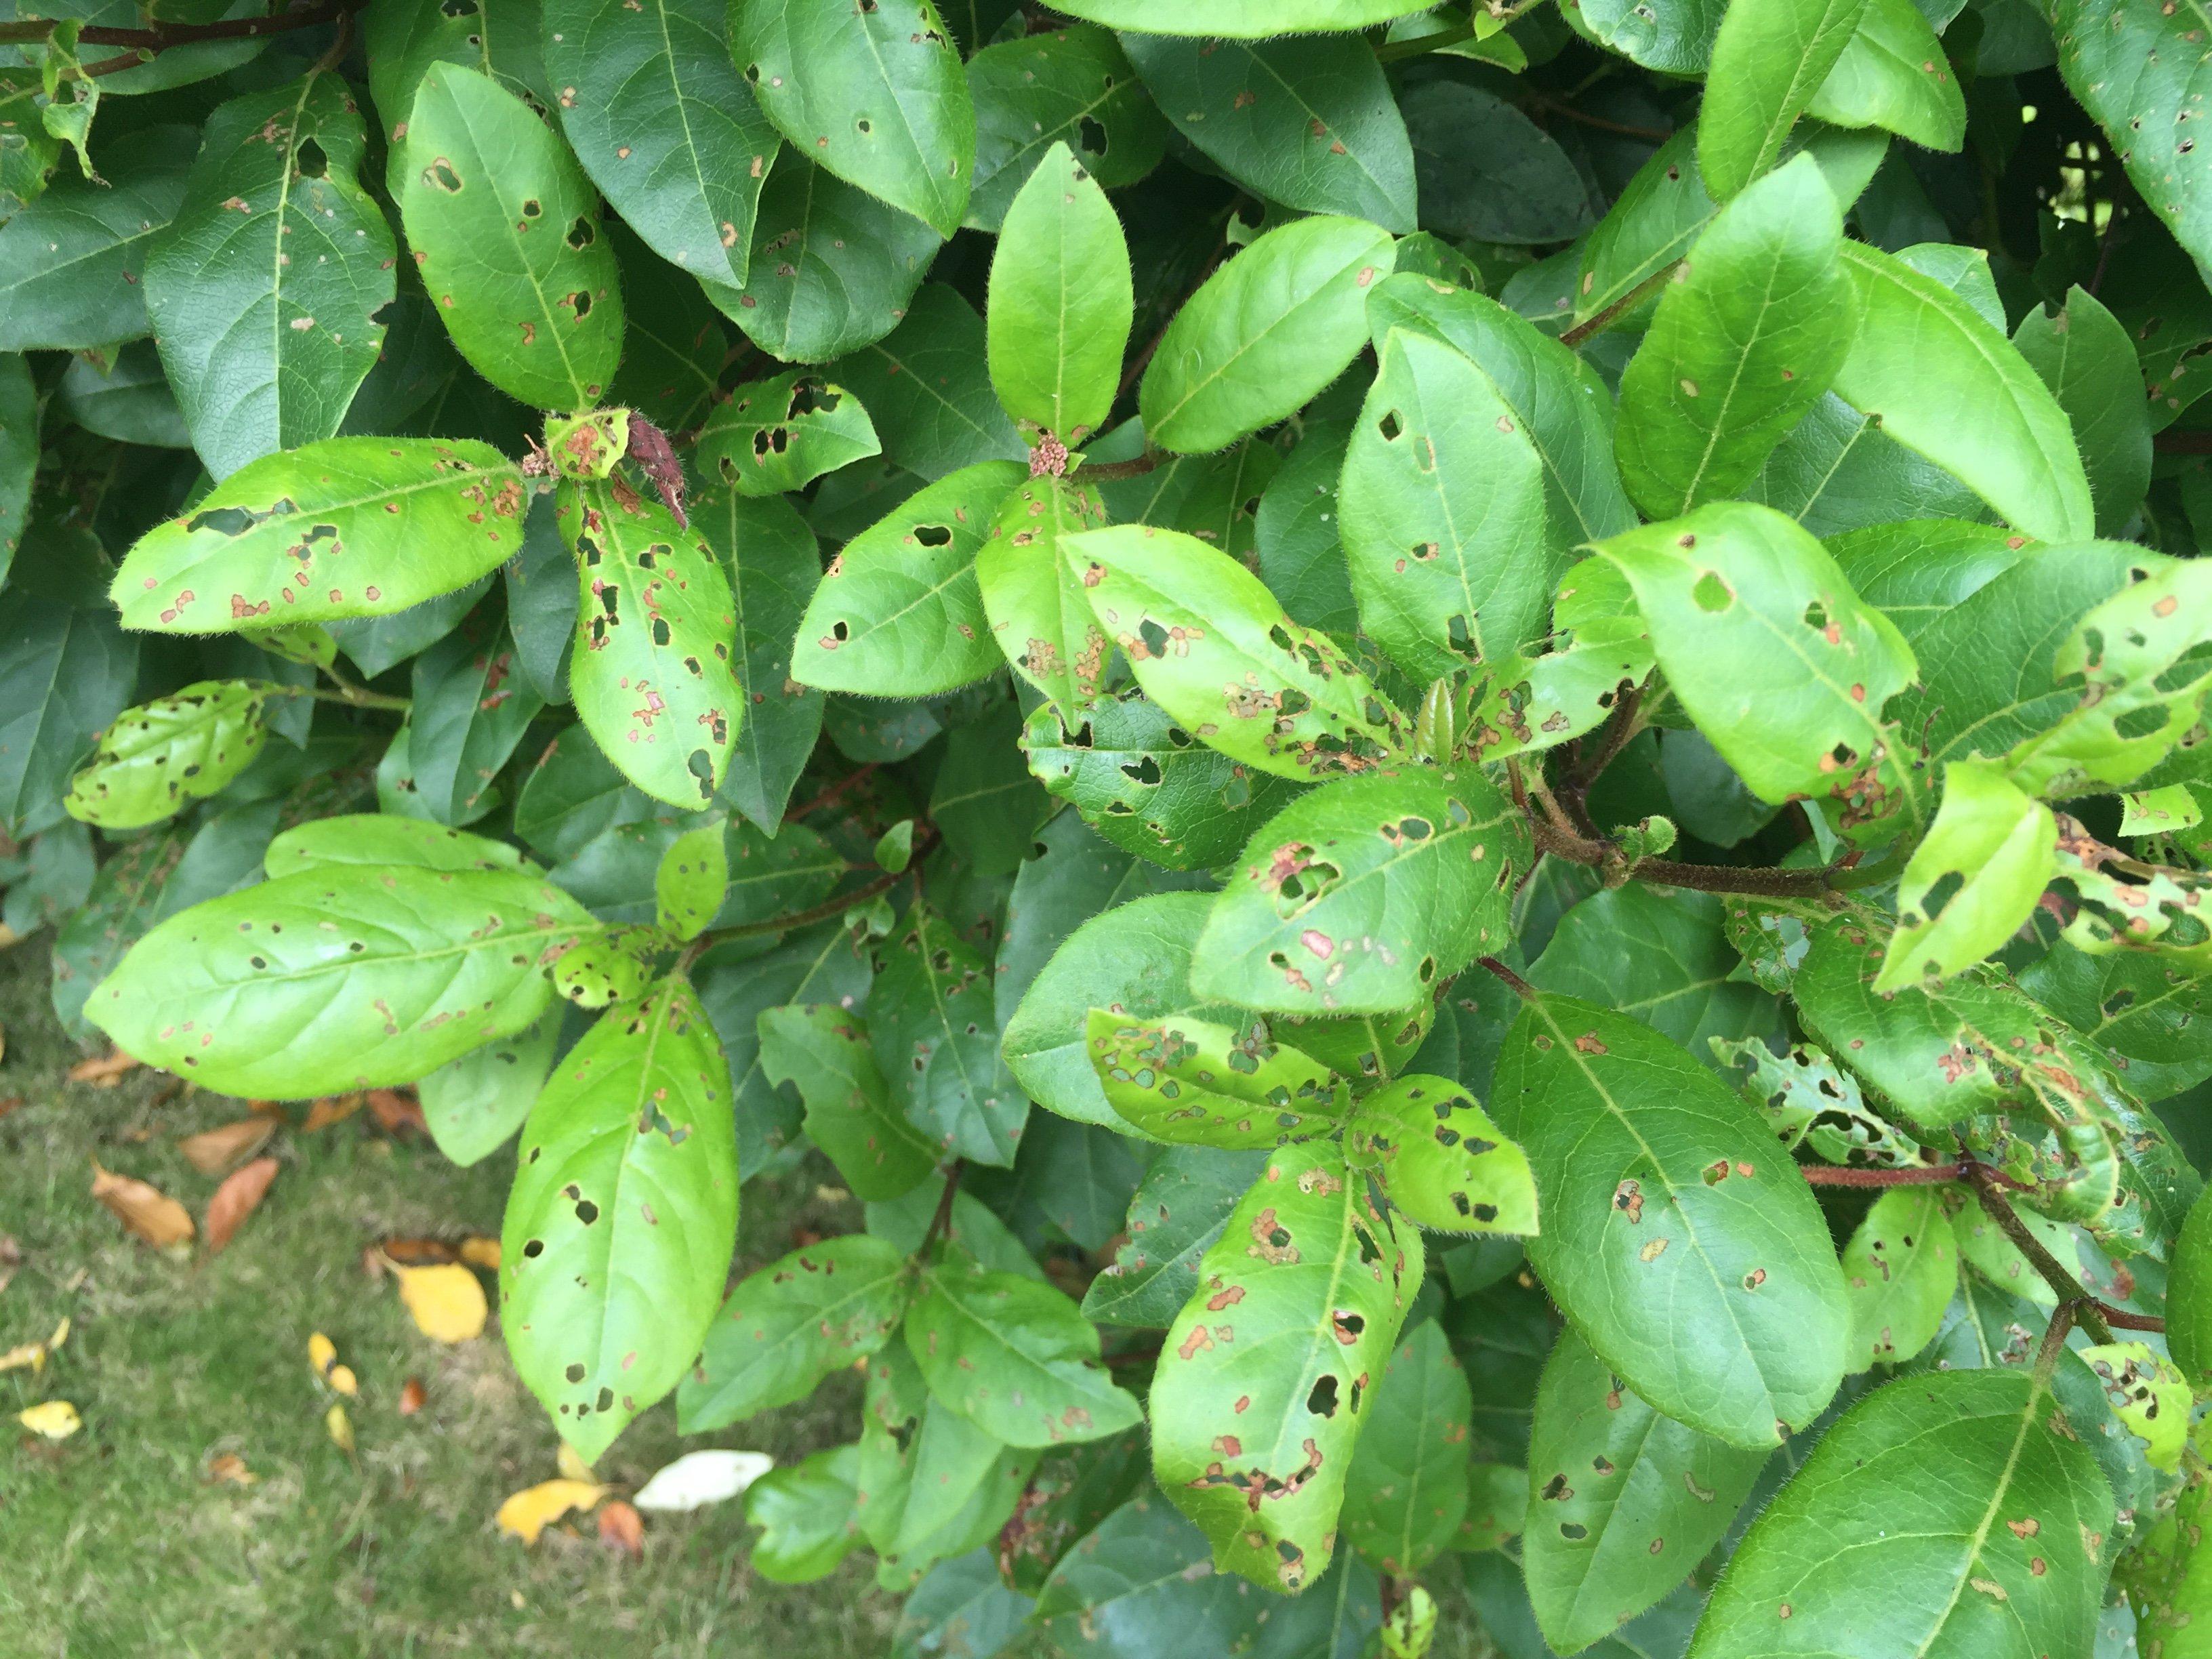 Earwig Infestation What does an earwig infestation look like